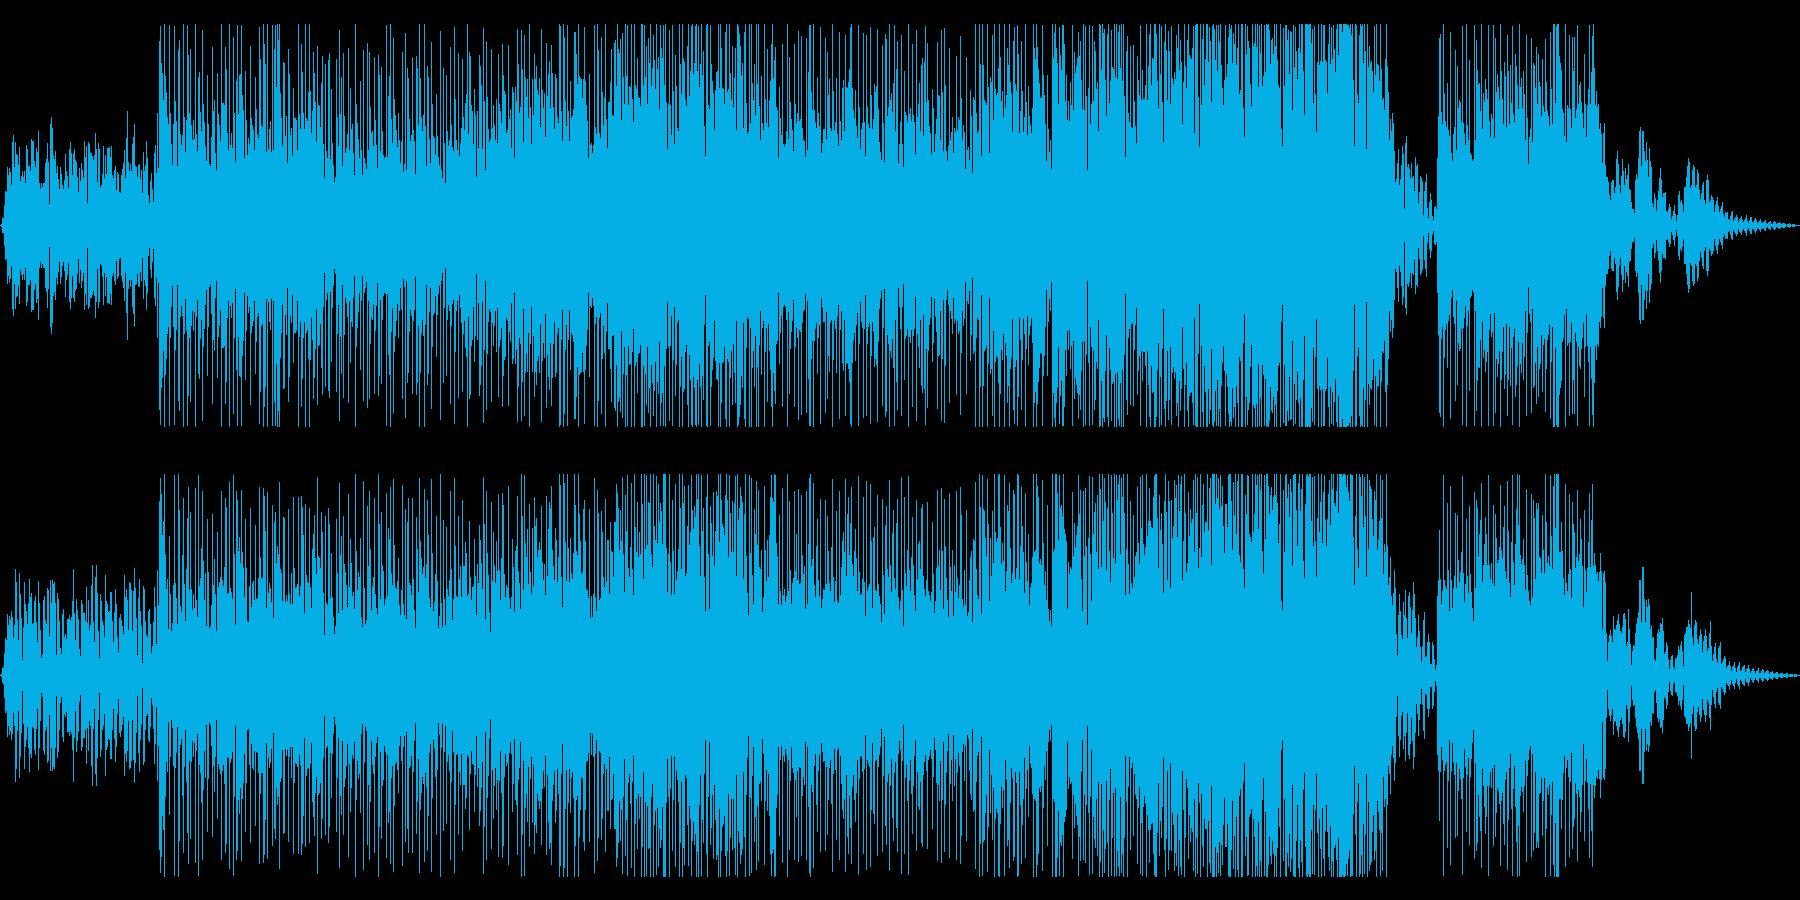 英語/女性ボーカル/生録/クールなR&Bの再生済みの波形